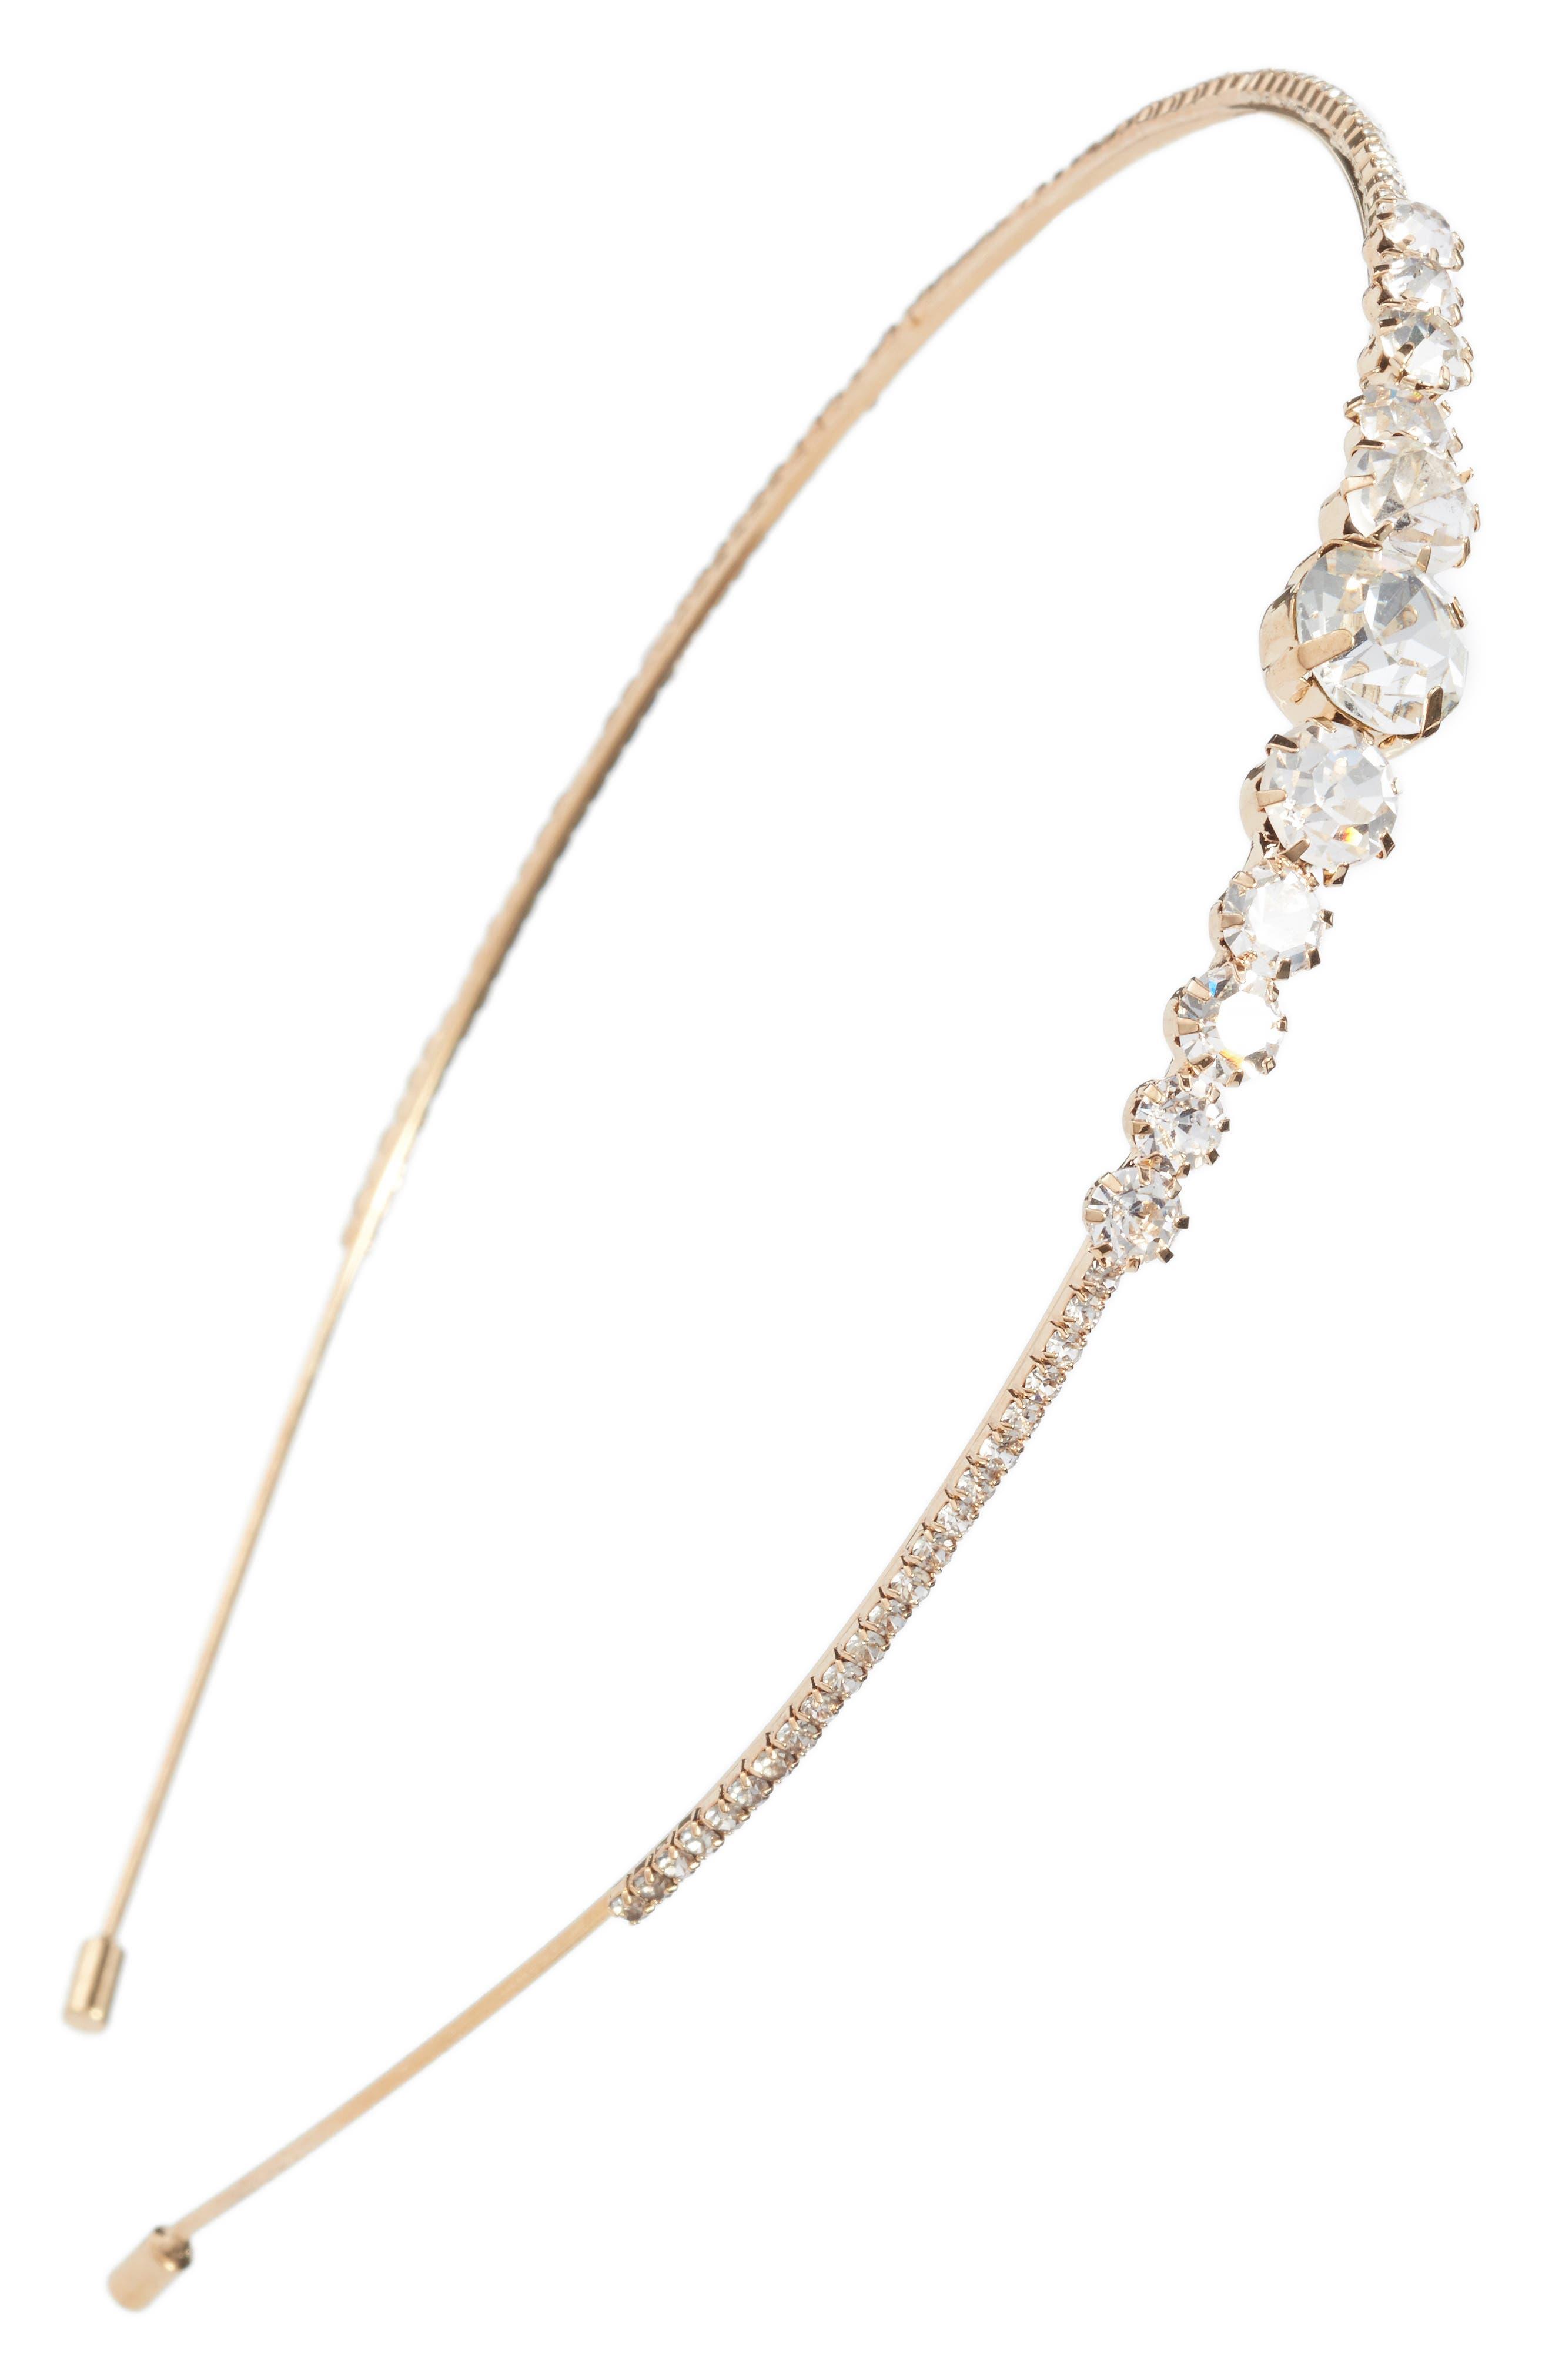 Alternate Image 1 Selected - Tasha Crystal Embellished Headband